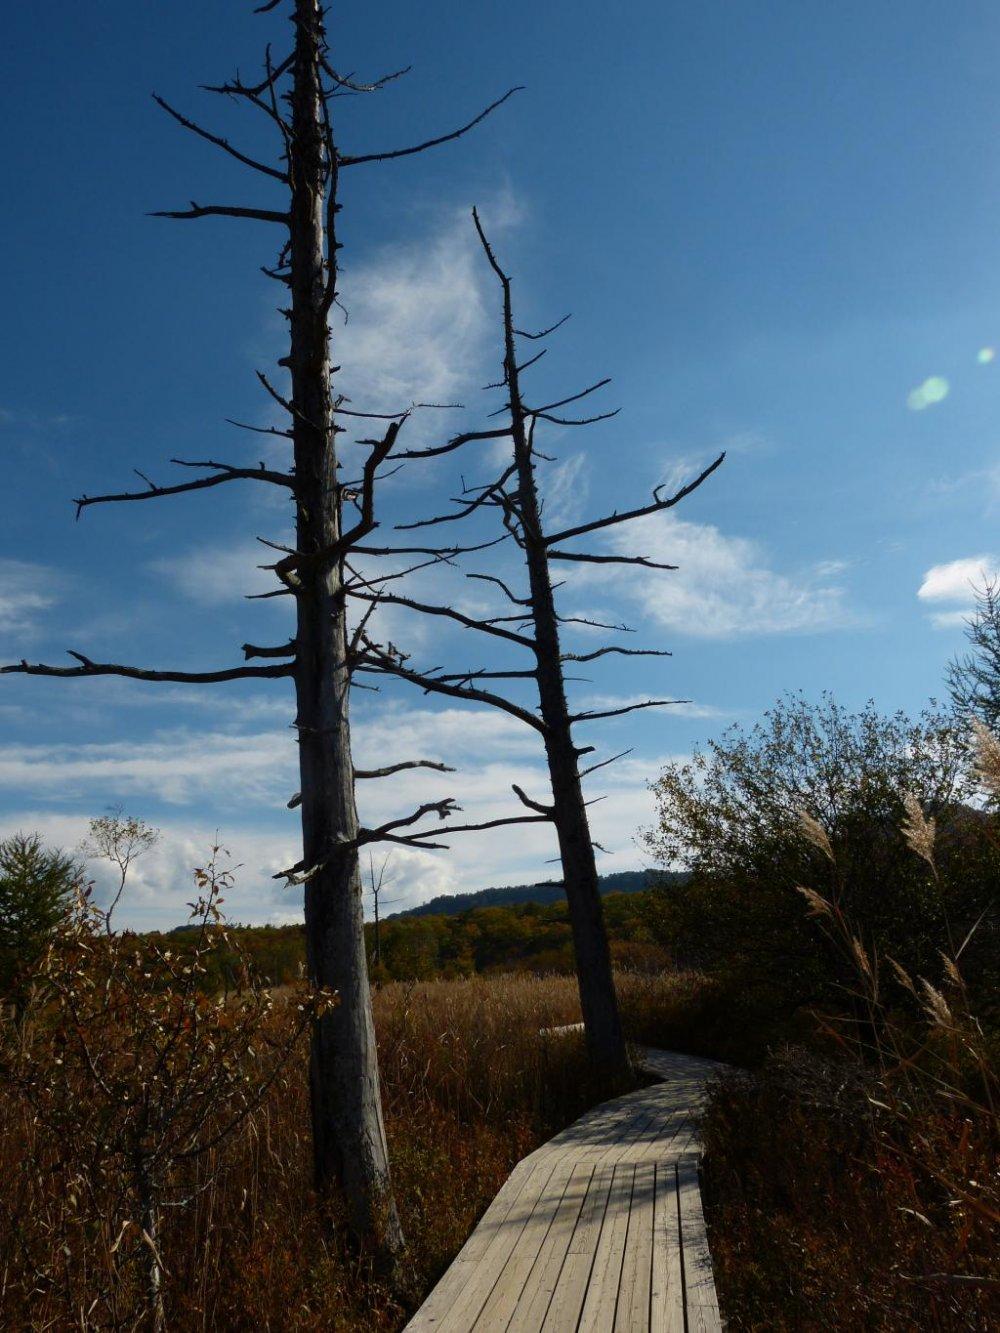 이 귀중한 들판을 보호하기 위해 설치한, 긴 나무길들이 습지를 헤치고 지나간다